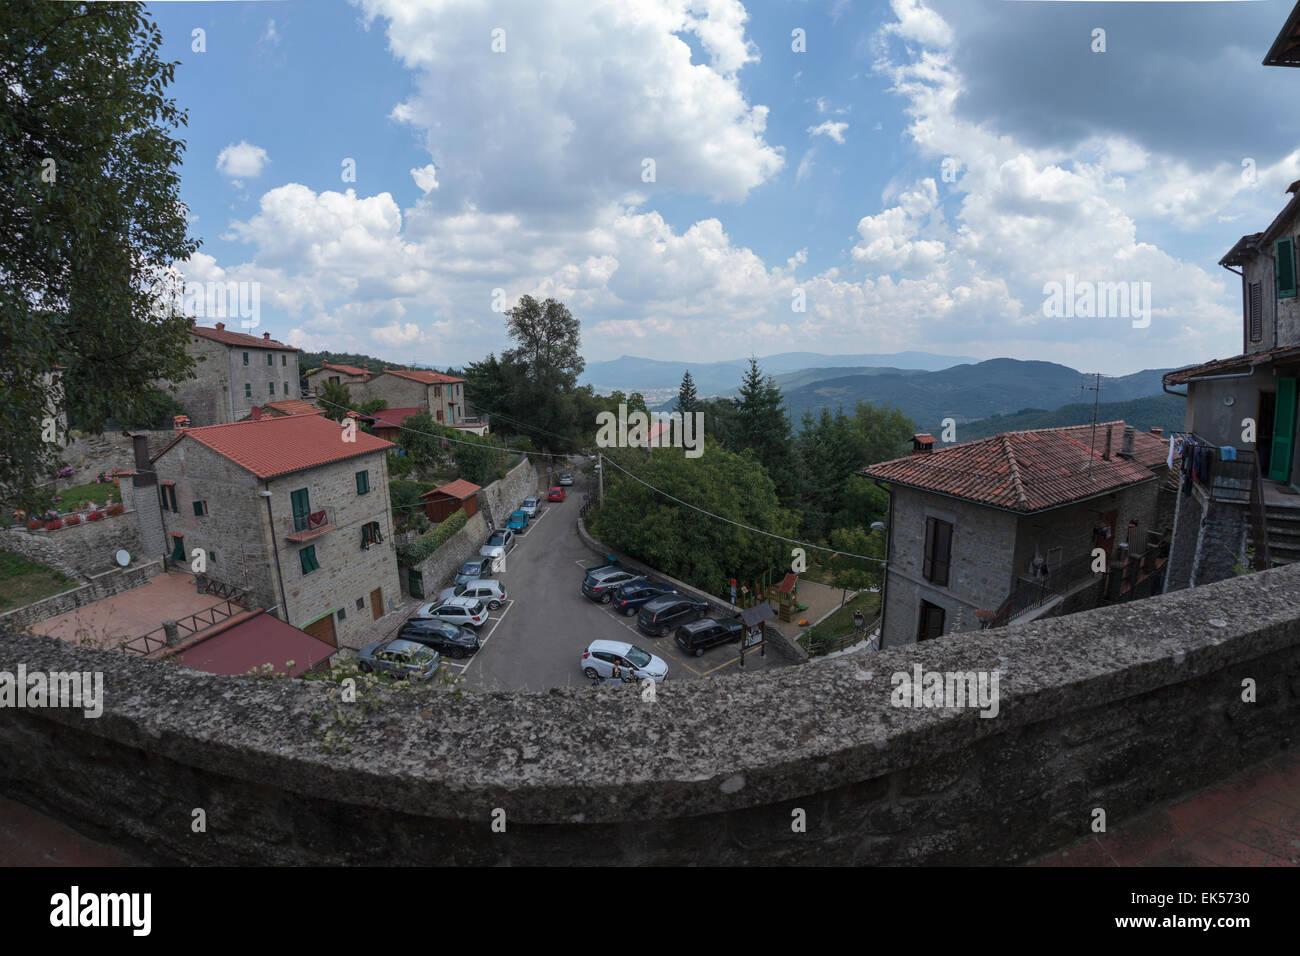 Village landscape, Quota di Poppi, Casentino, Tuscany - Stock Image